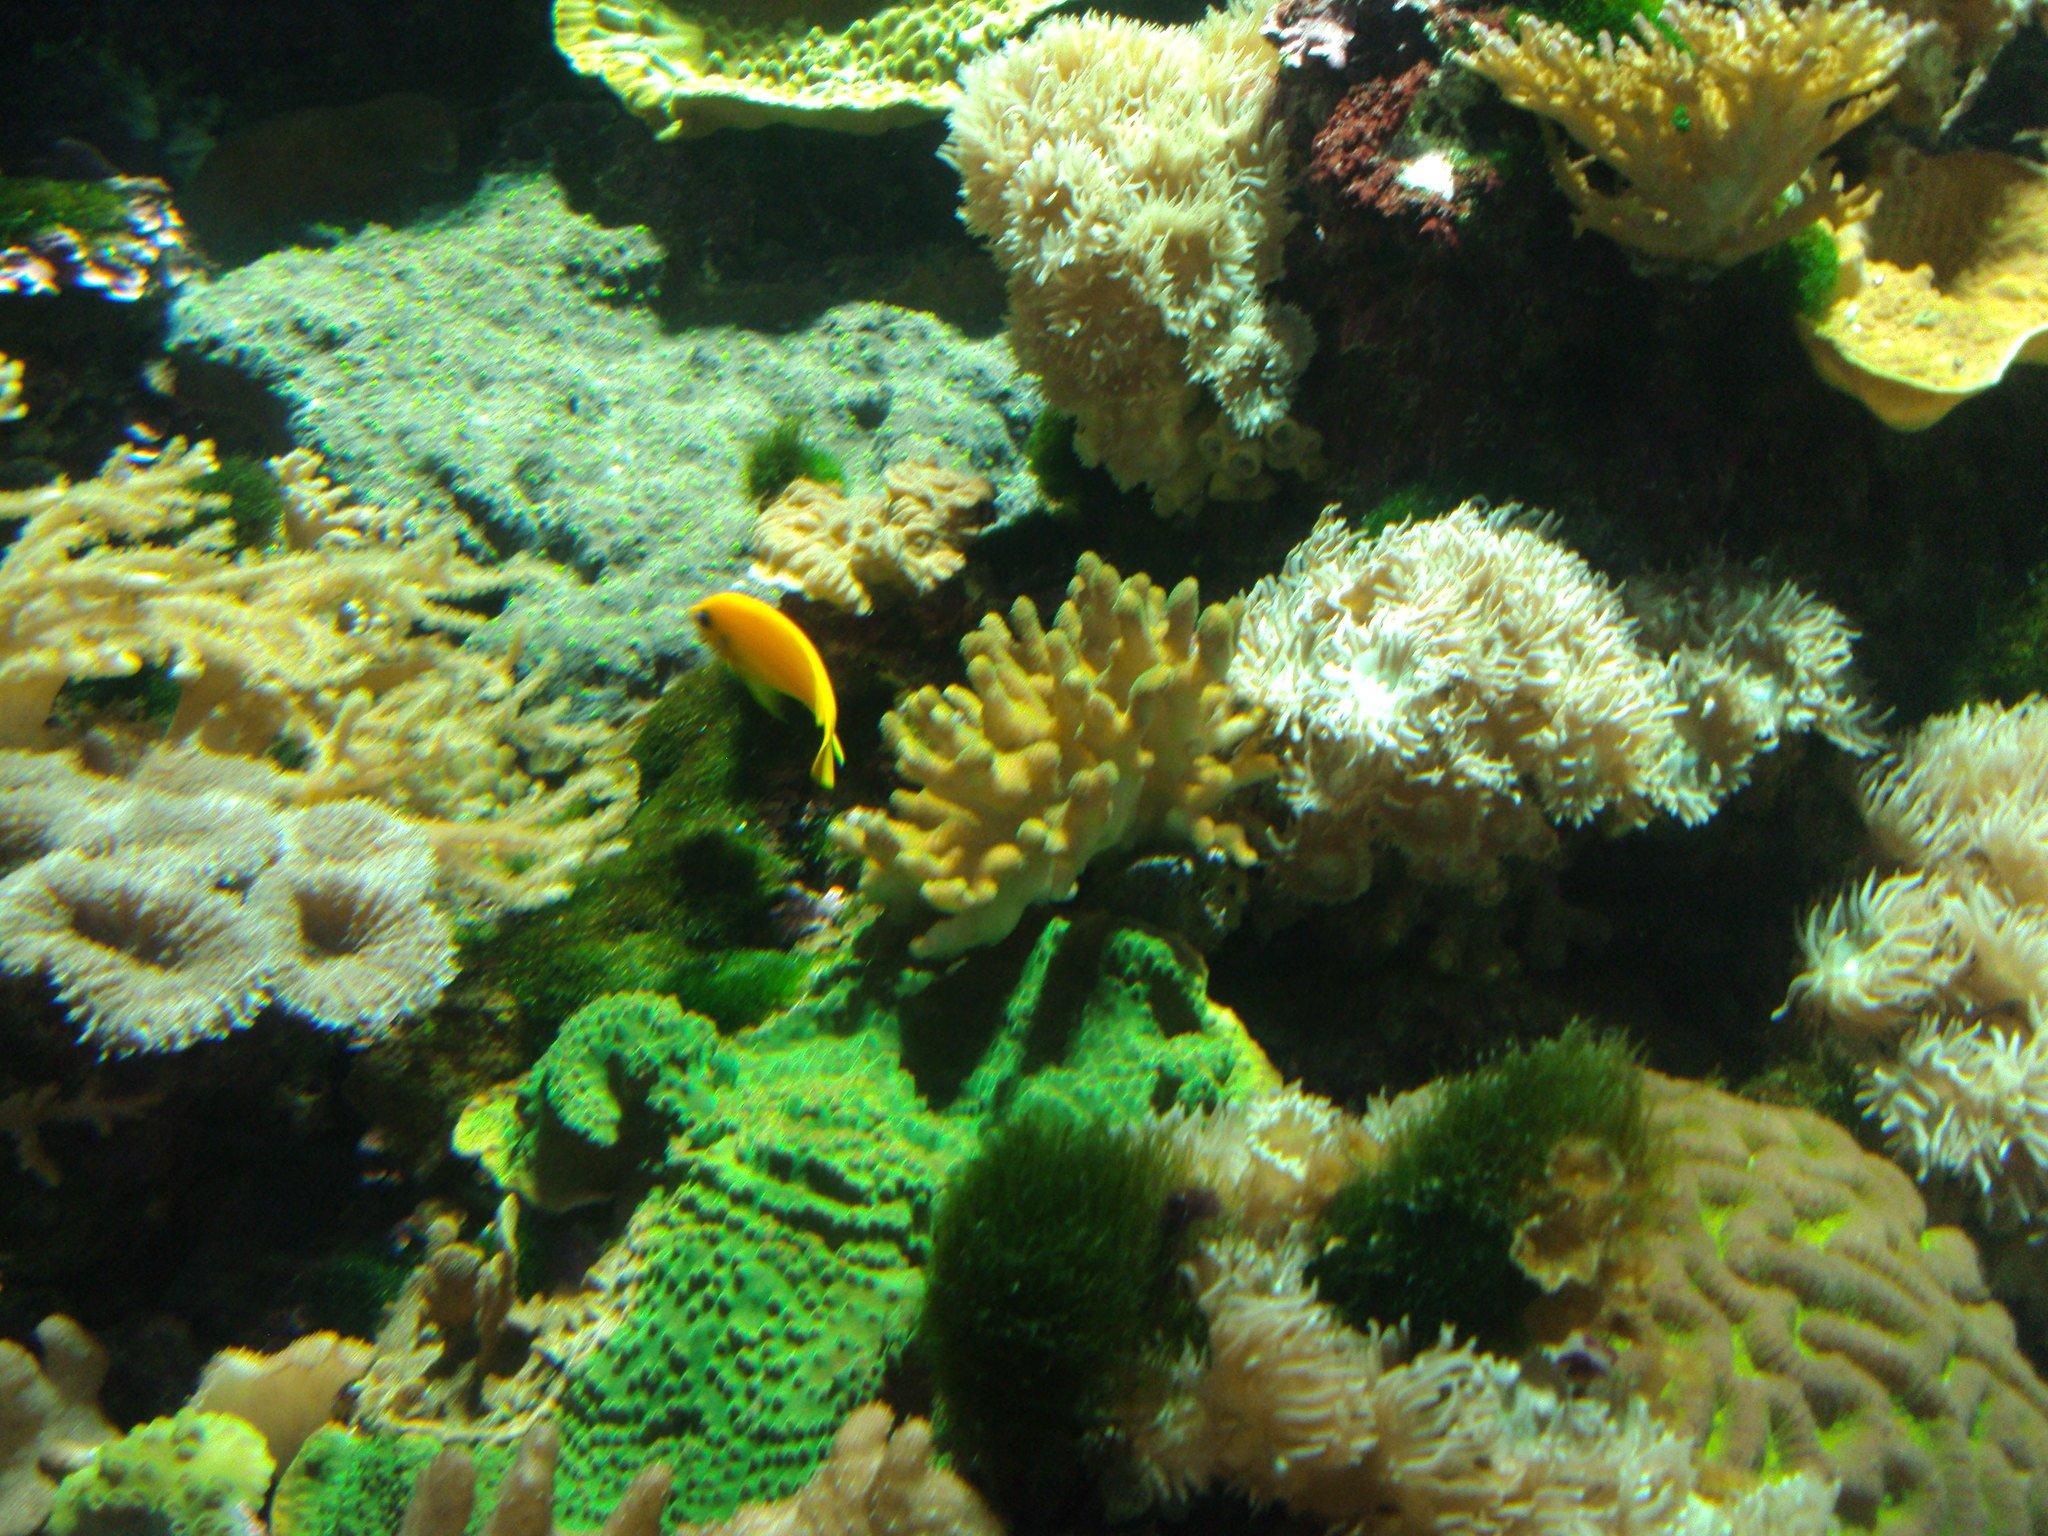 Corales coloridos dentro de una pecera. | Imagen: Flickr